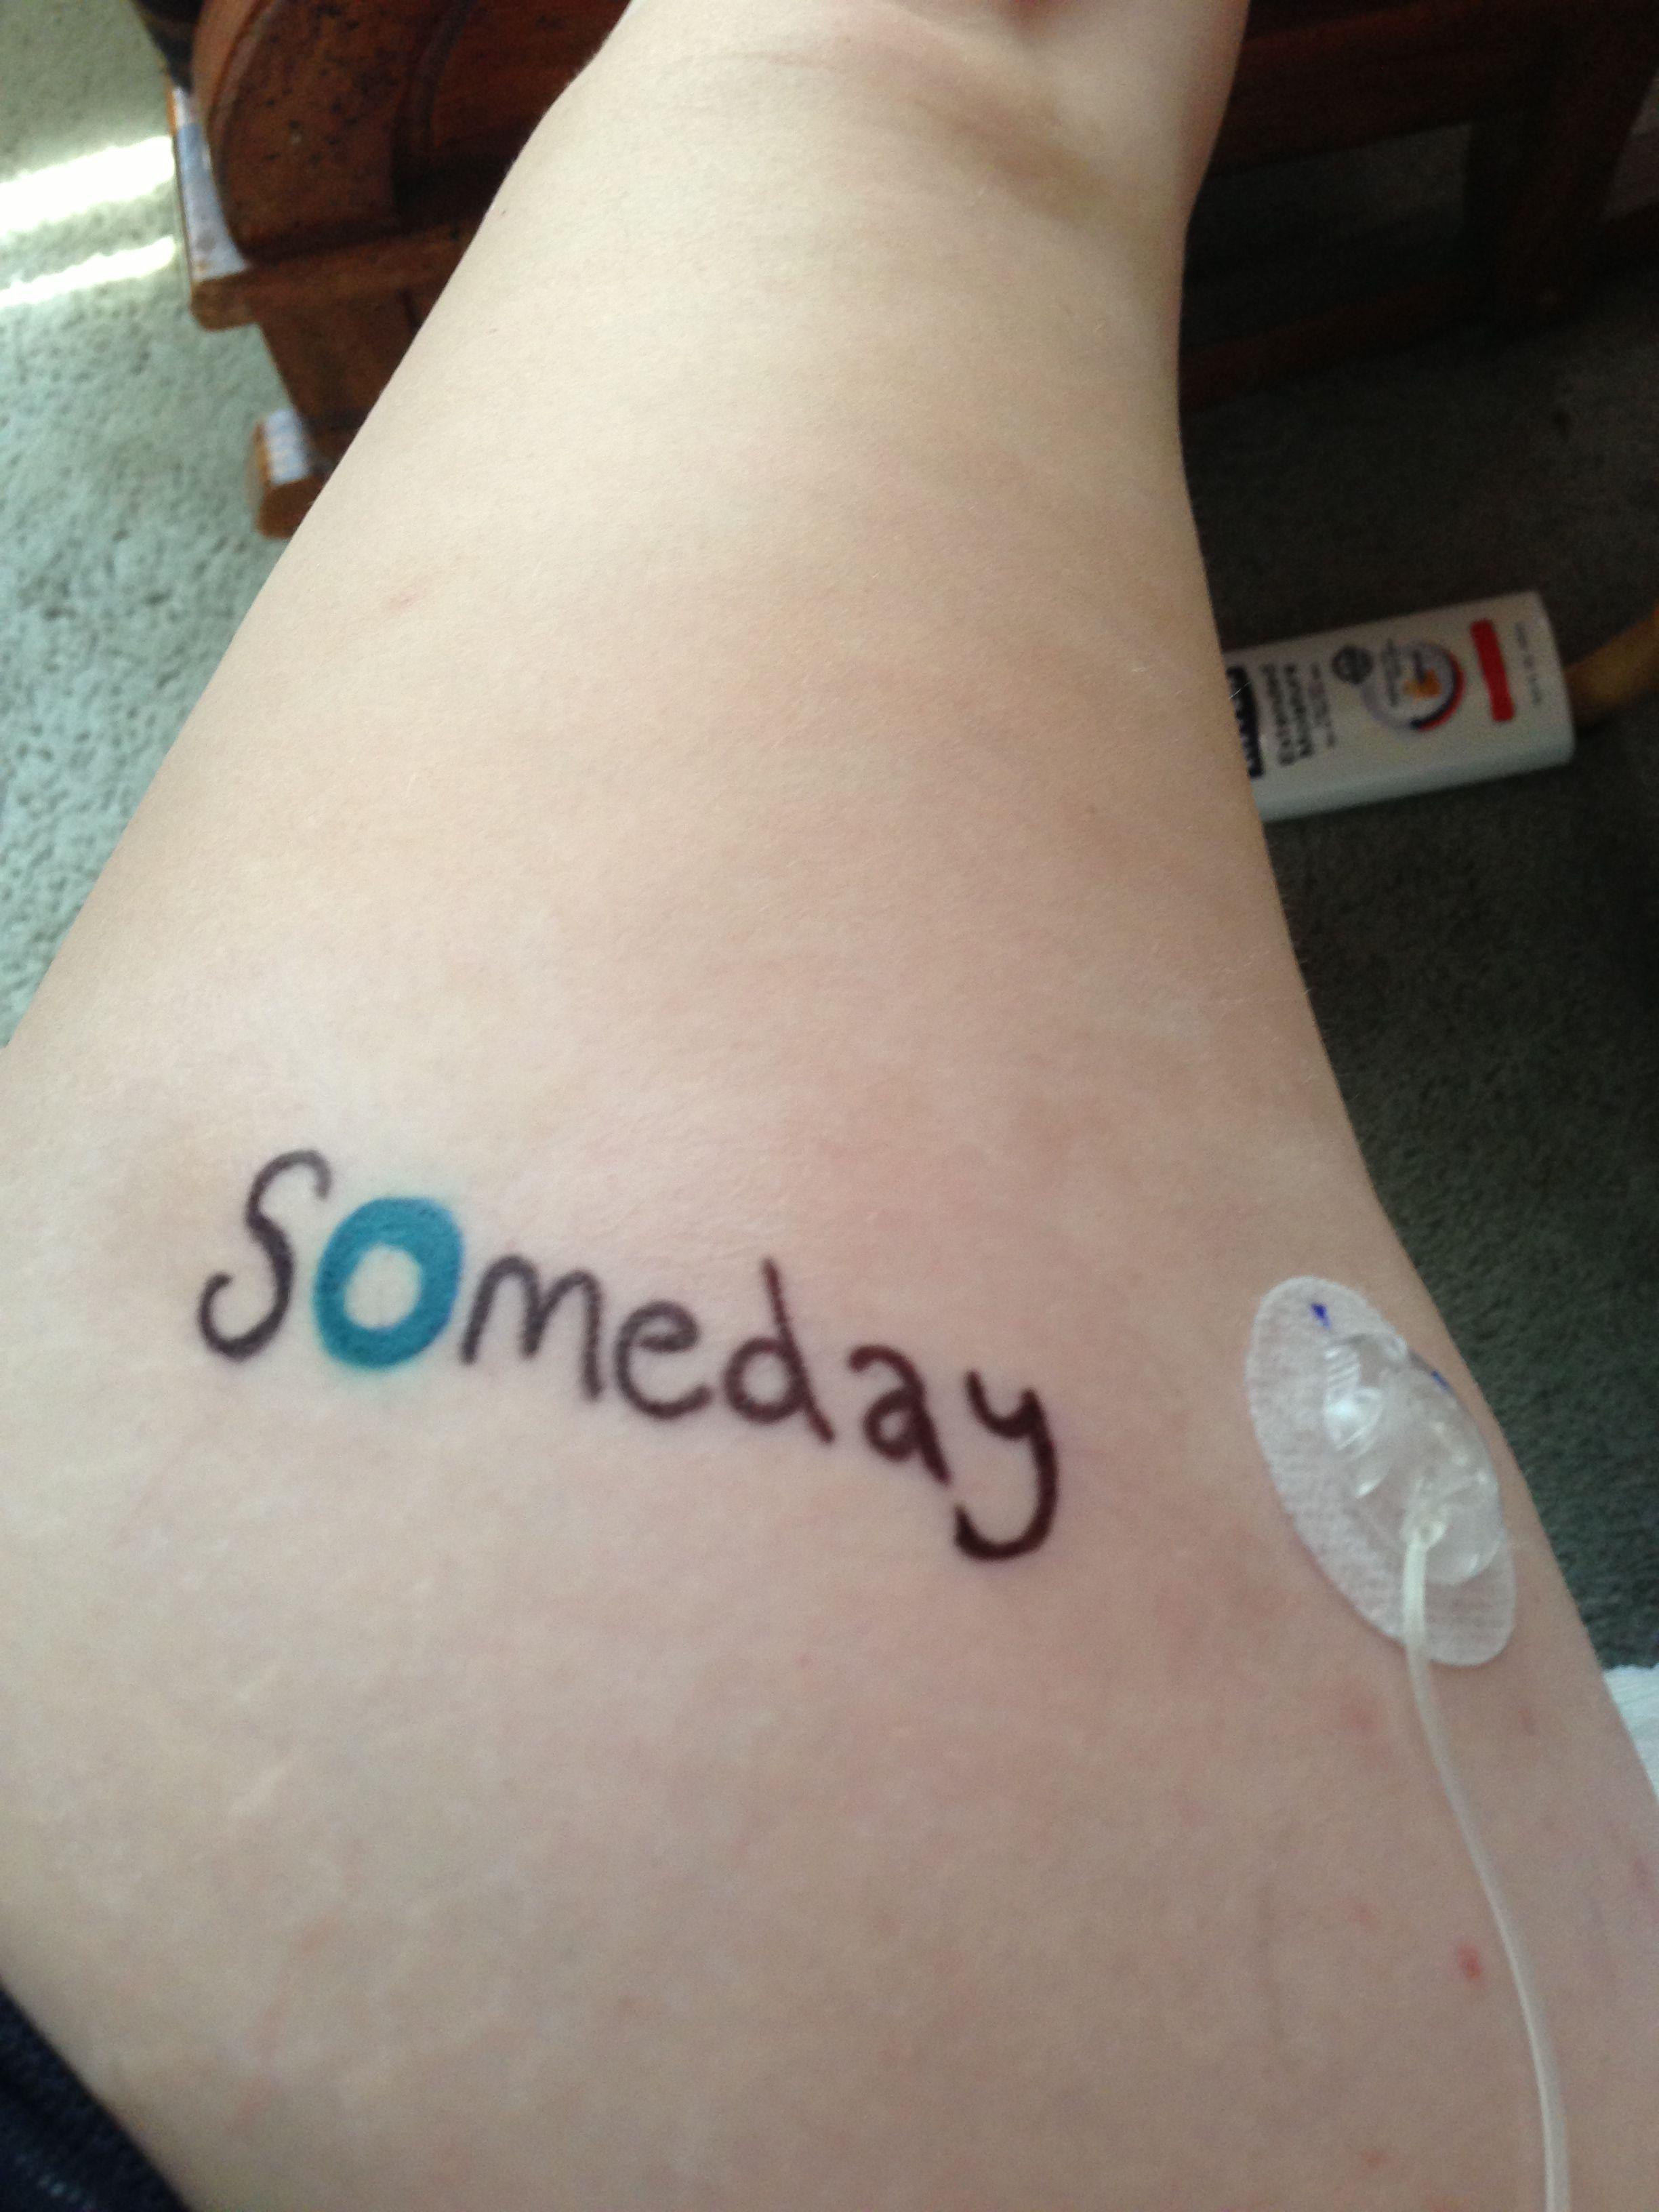 Diabetes Tattoo Next To Insulin Pump Port Tattoos Pinterest